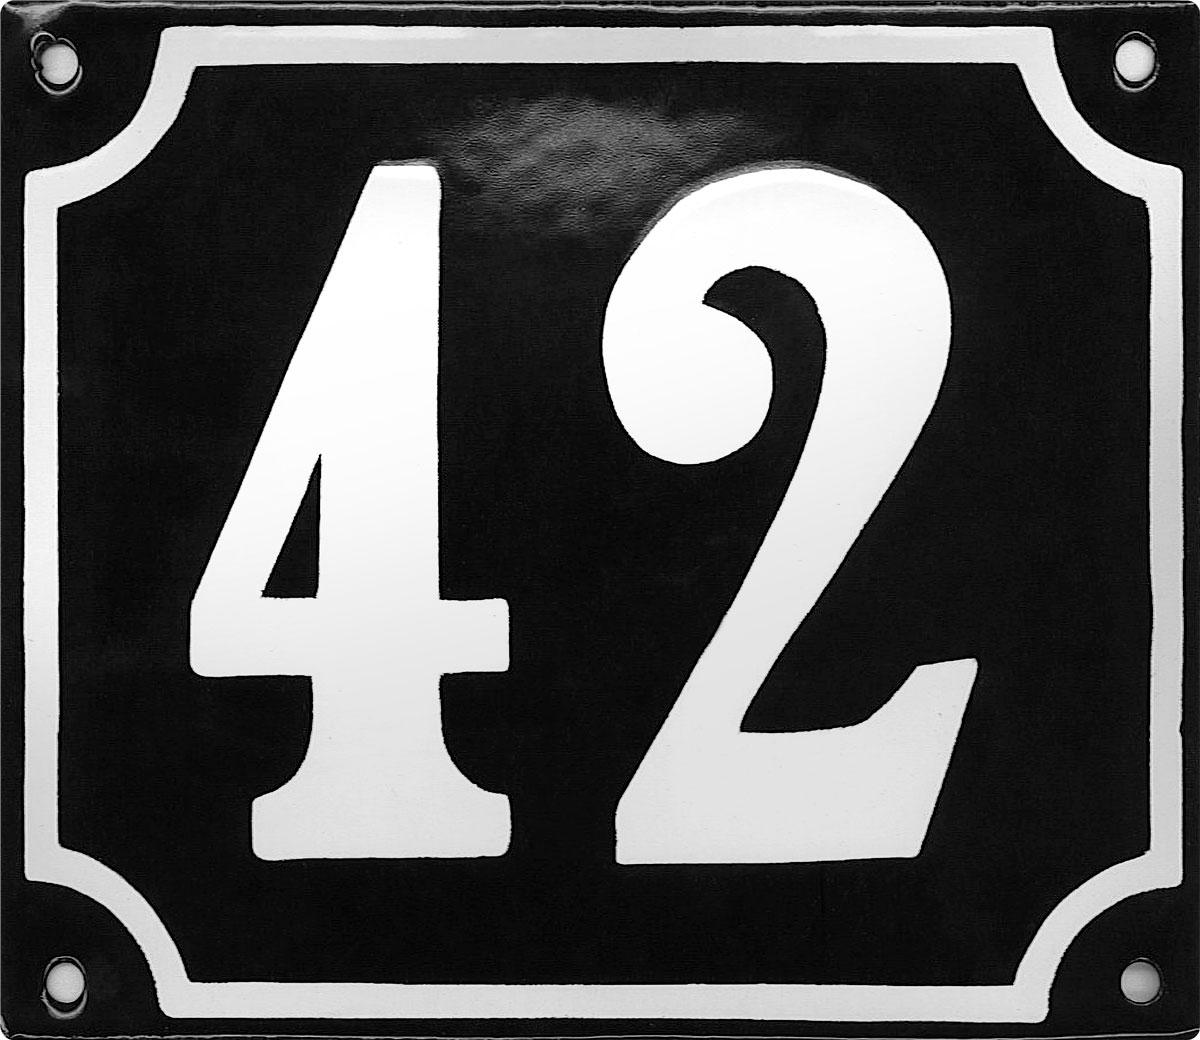 Sfeerimpressie emaille zwart huisnummerbord met witte cijfers 150x180 mm.jpg